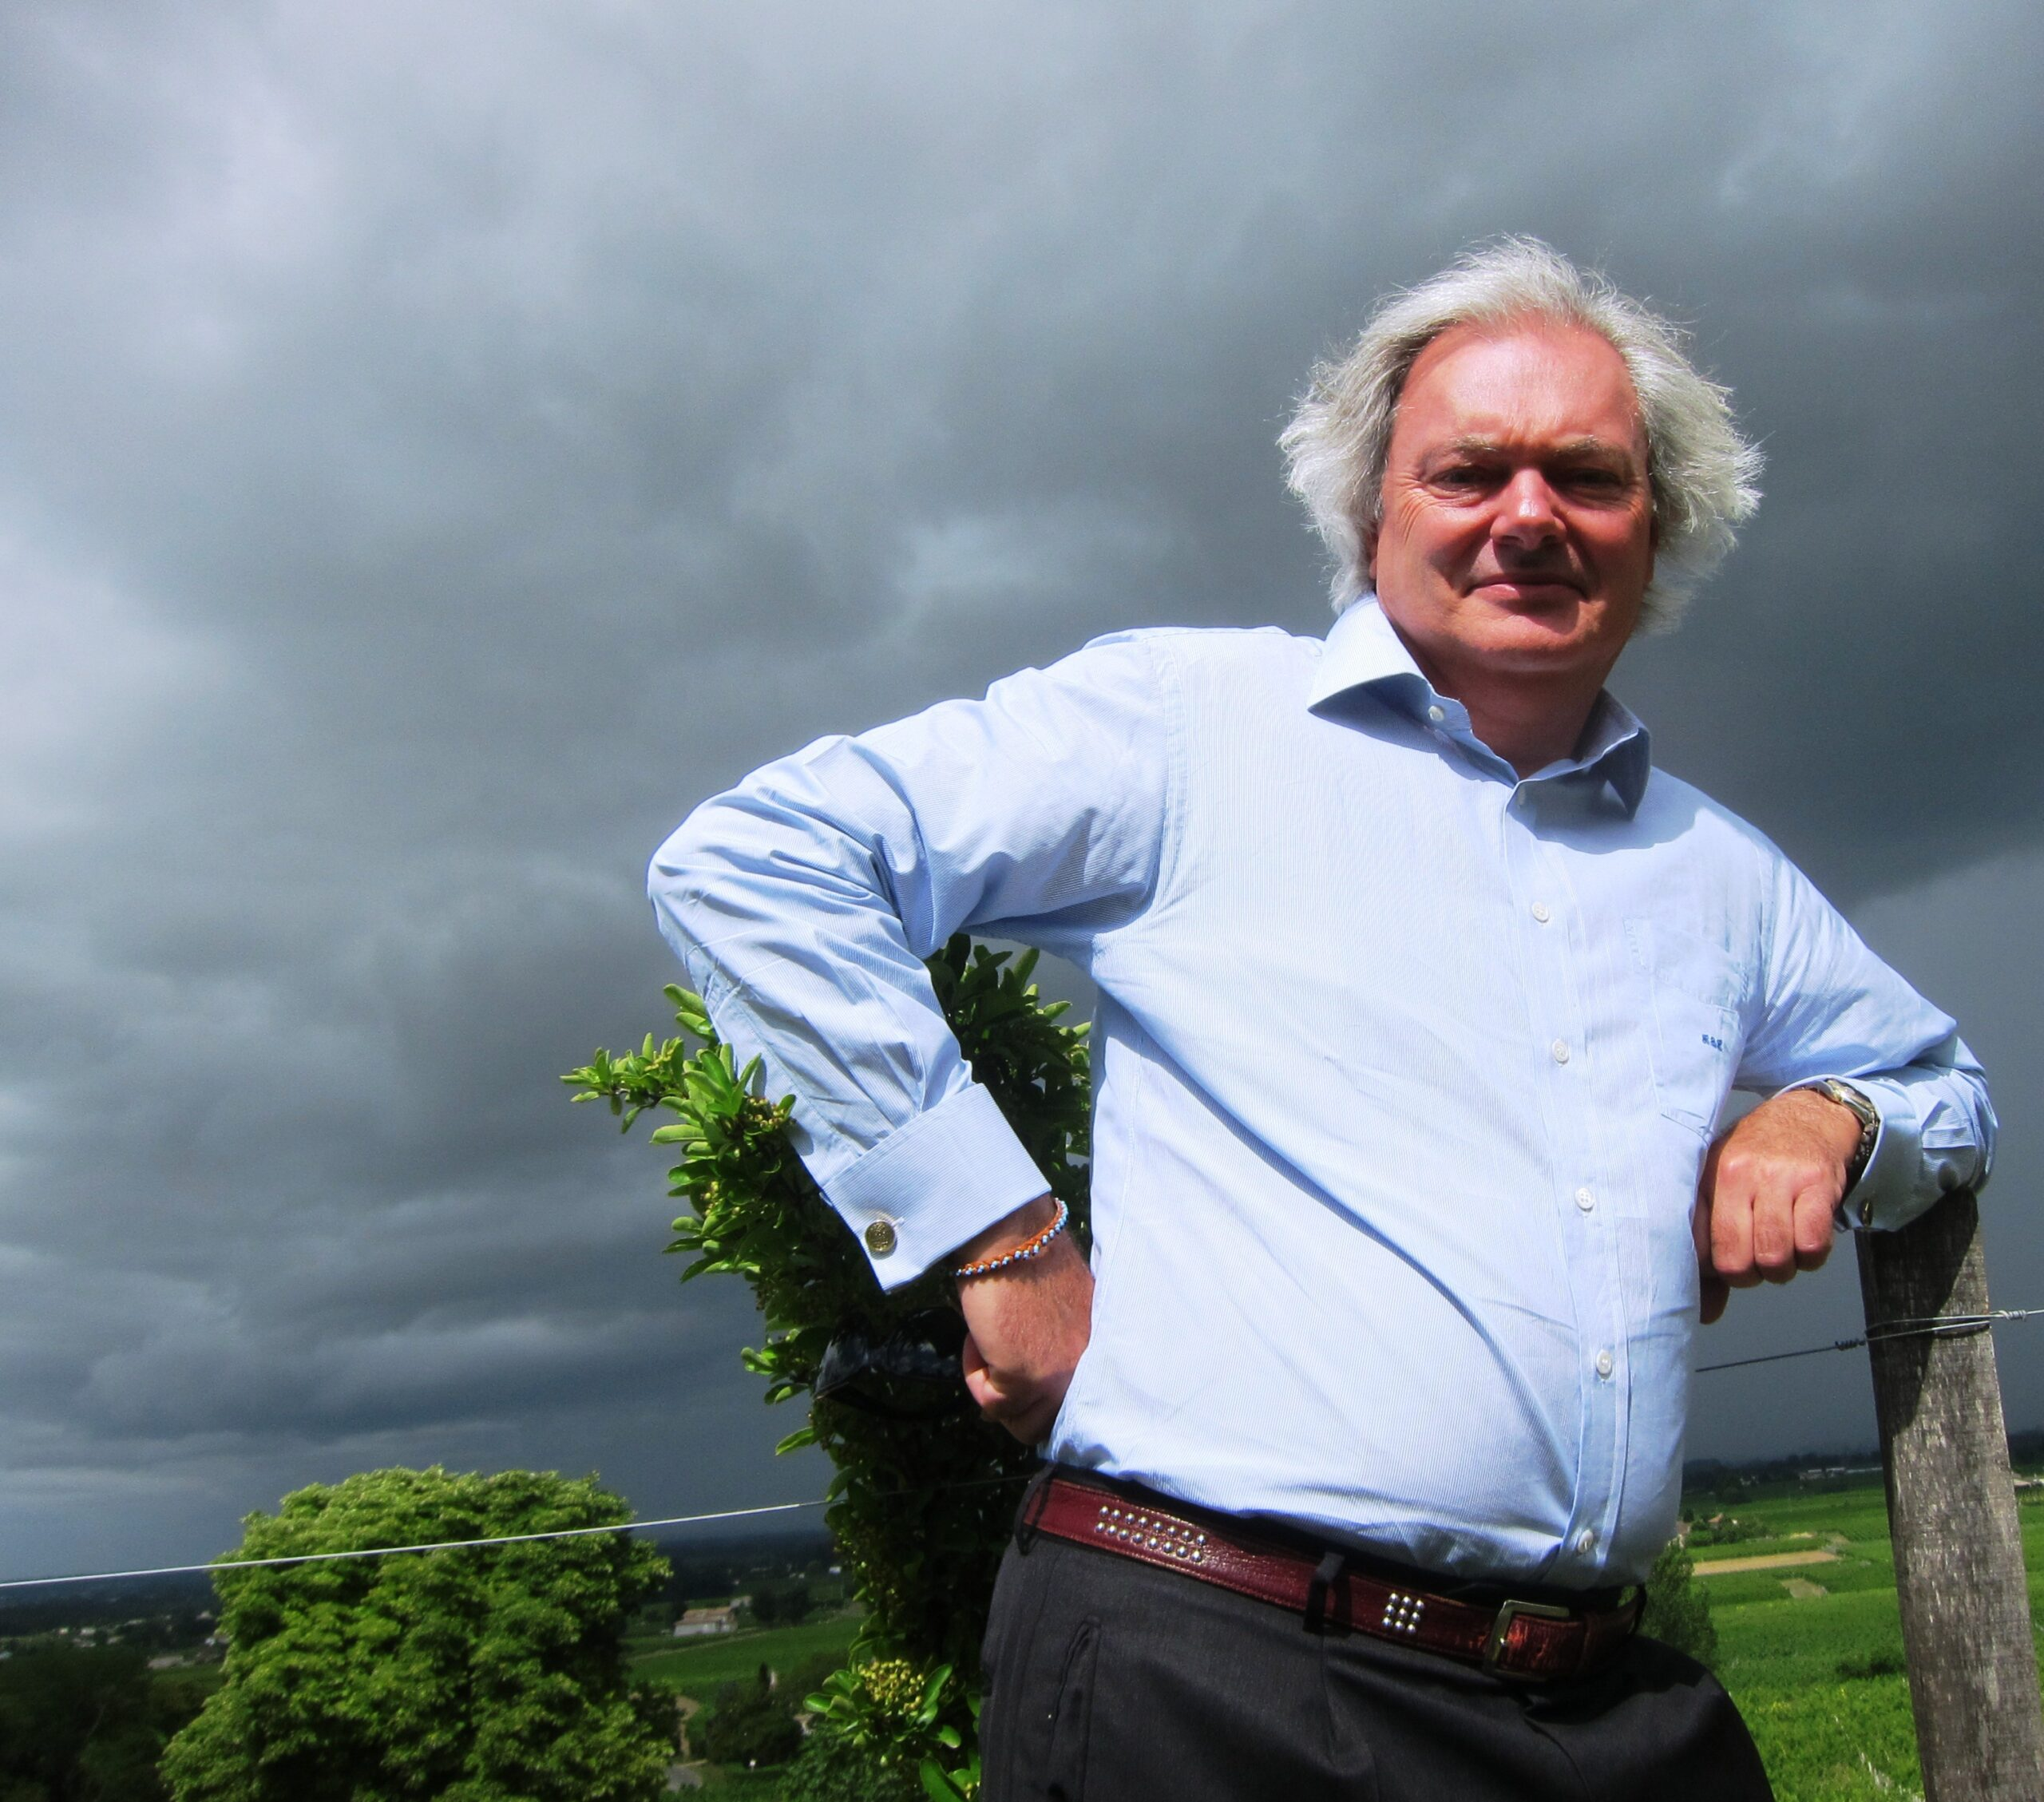 2010 Angelus, another great Bordeaux wine from Hubert de Bouard